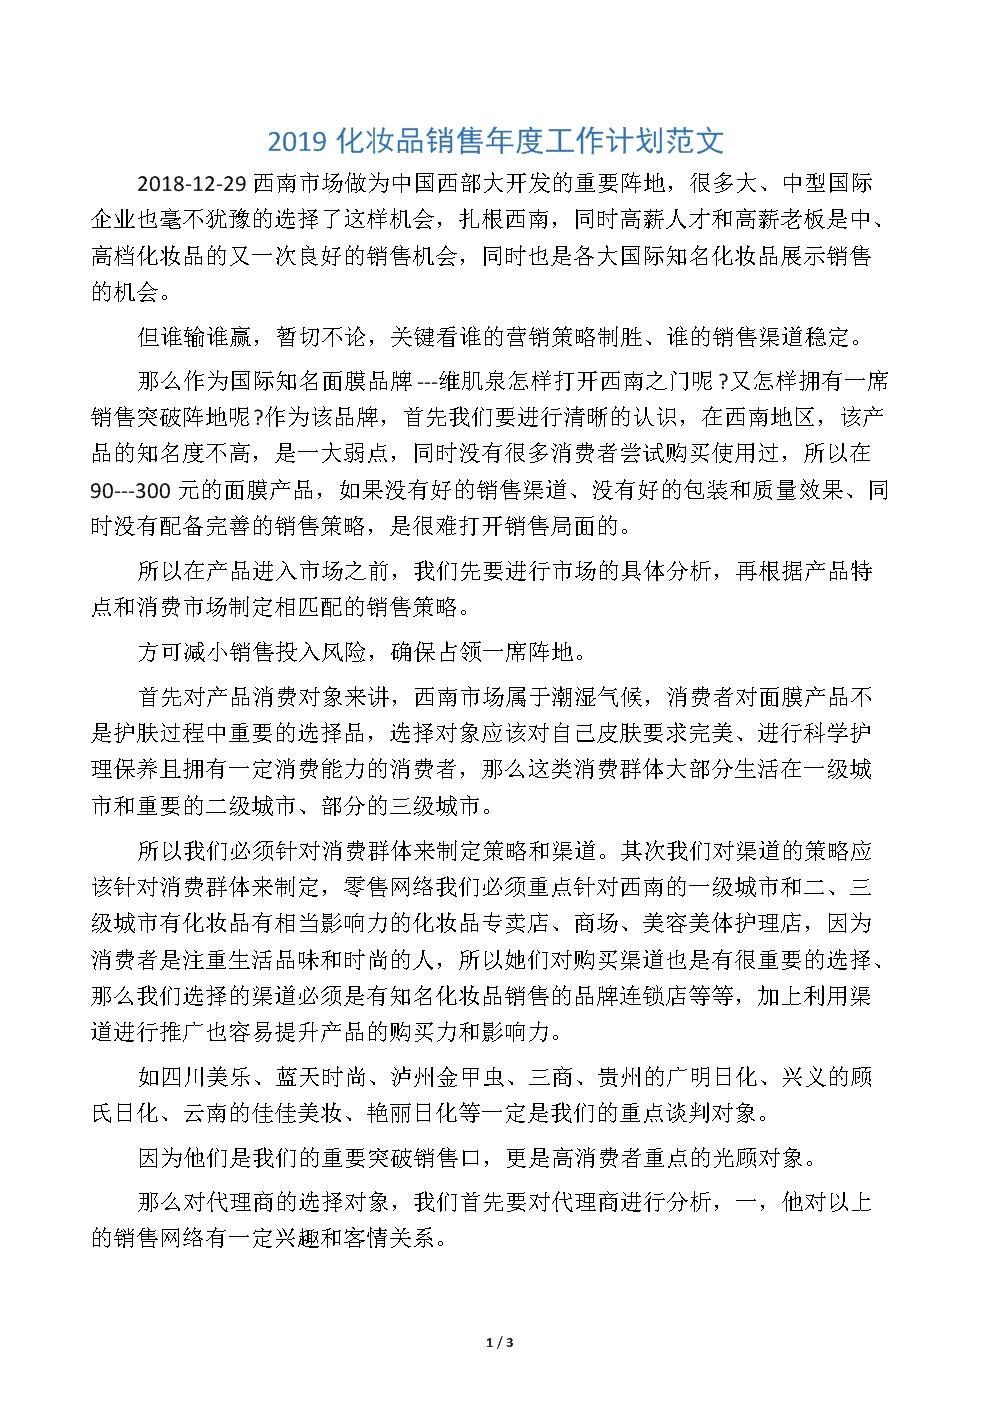 2019化妆品销售年度工作计划范文.docx